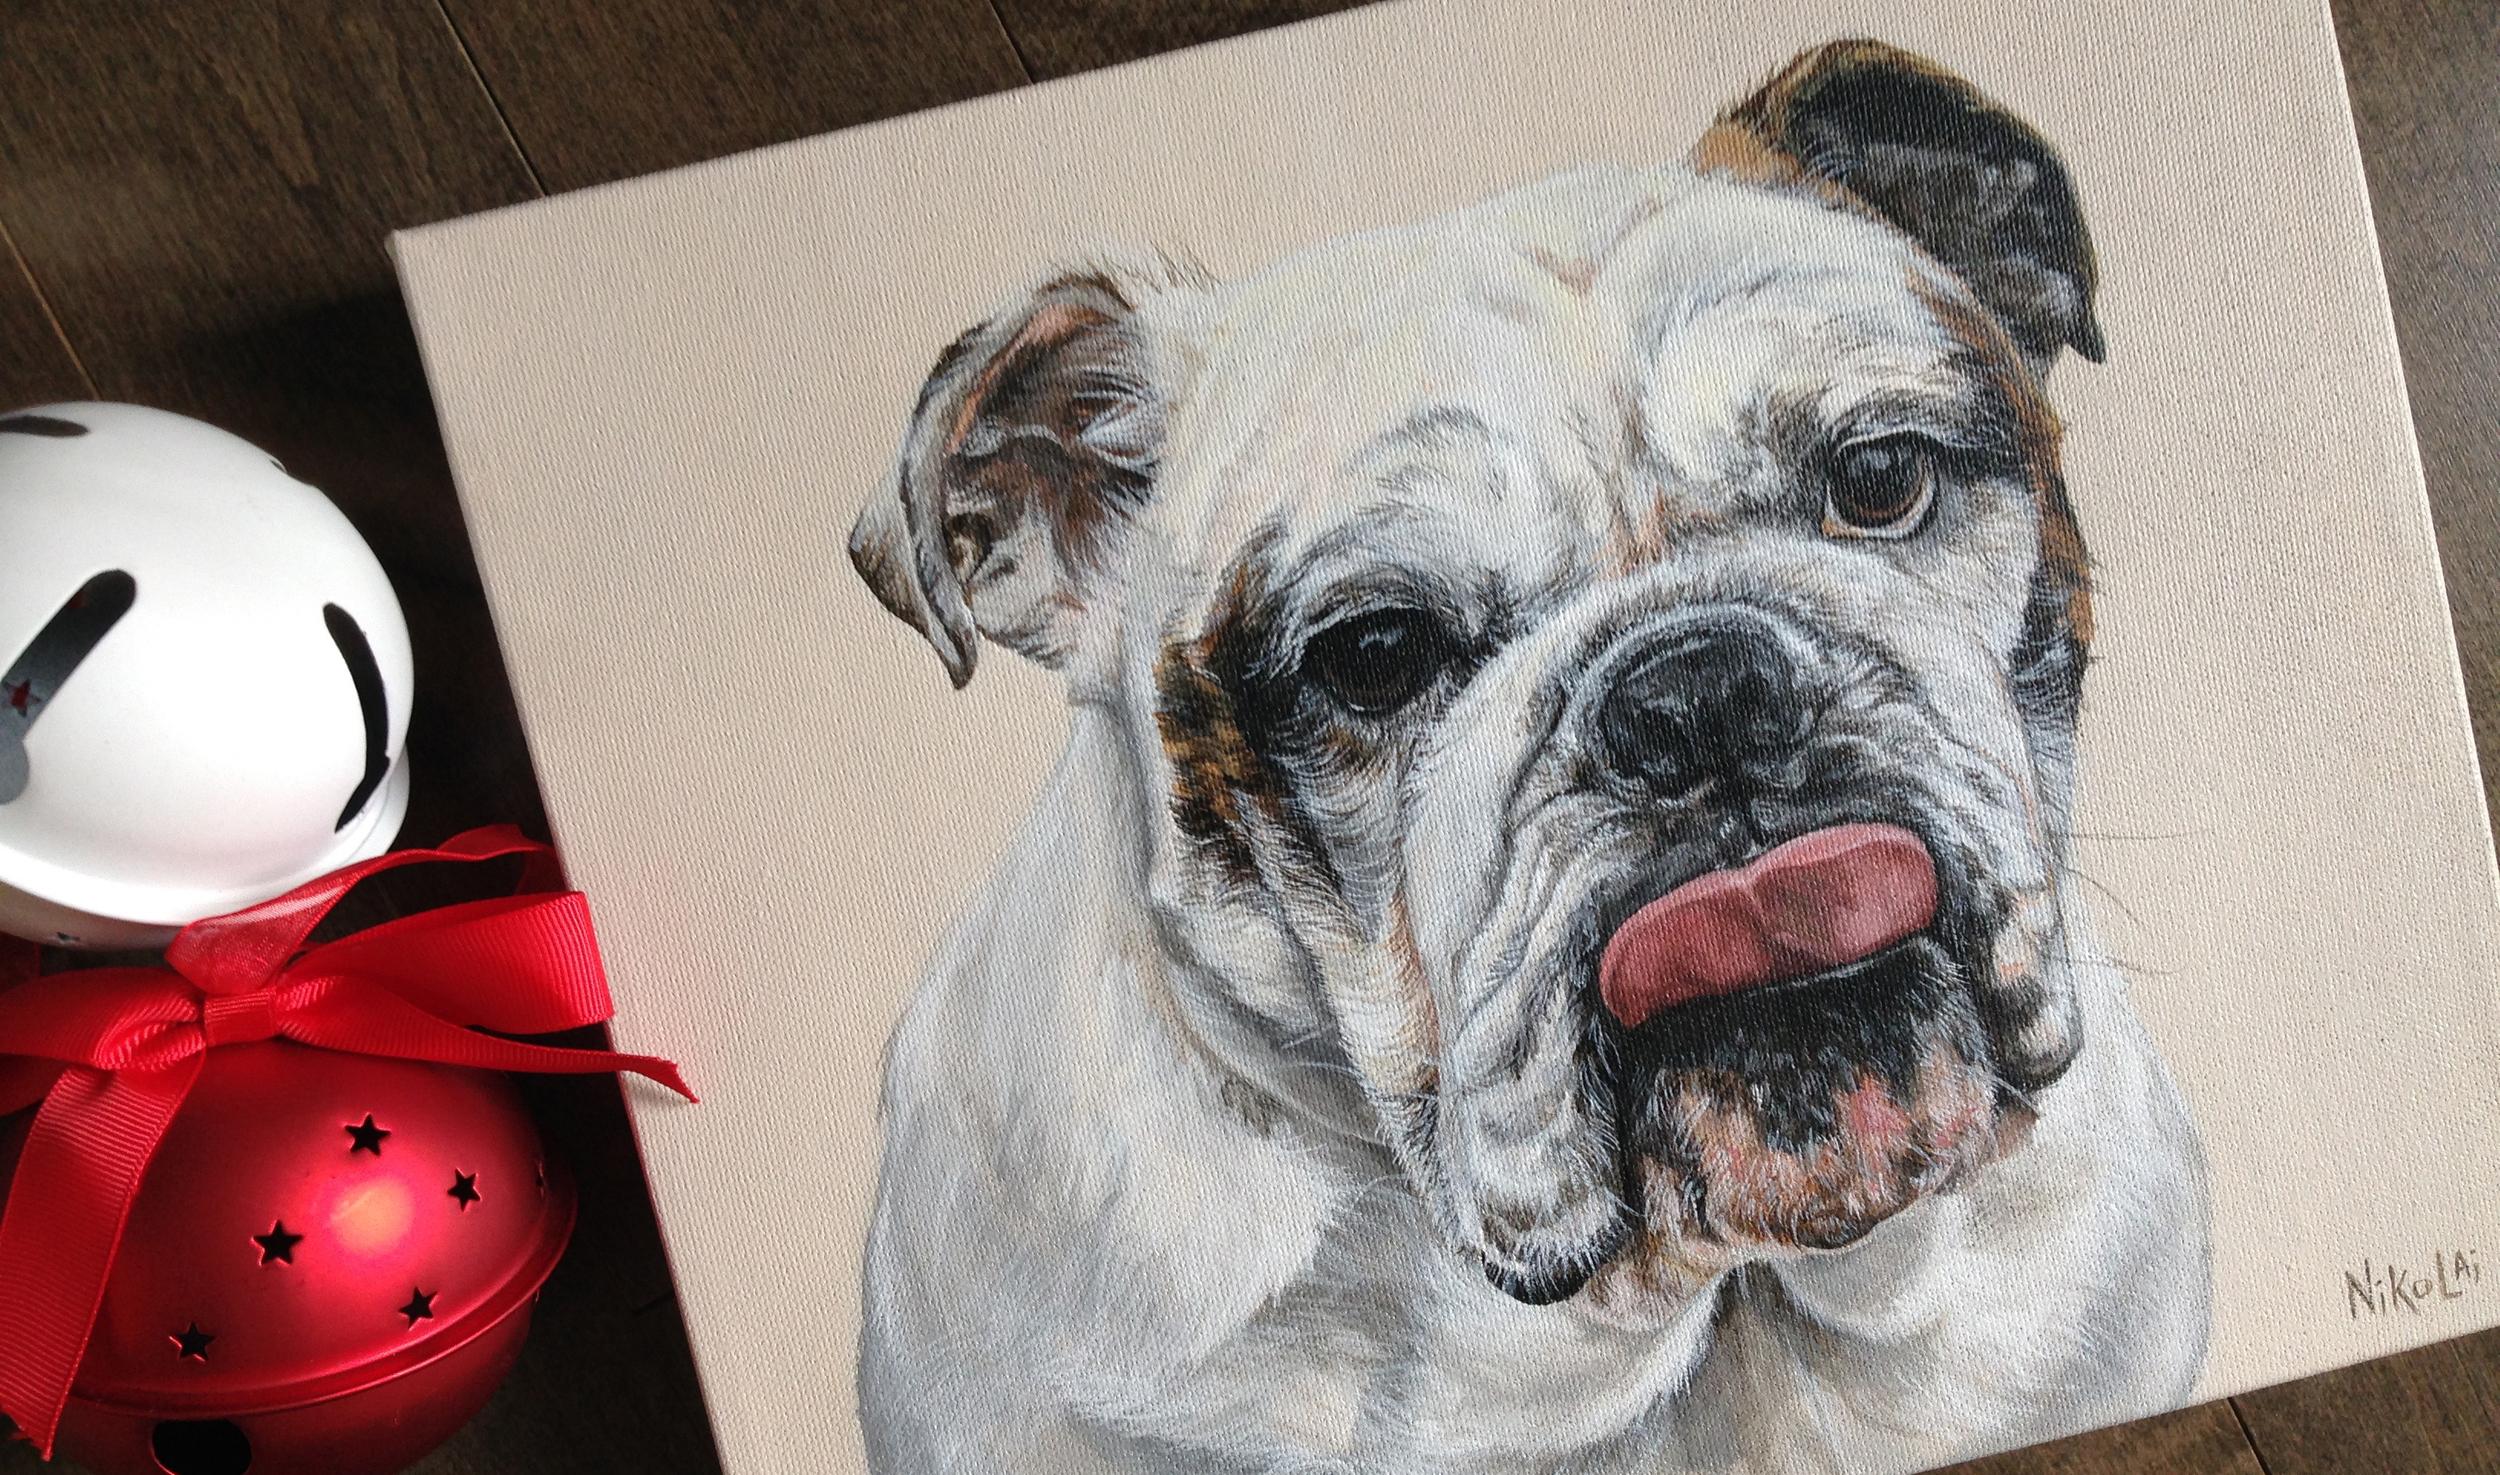 English Bulldog portrait painting.